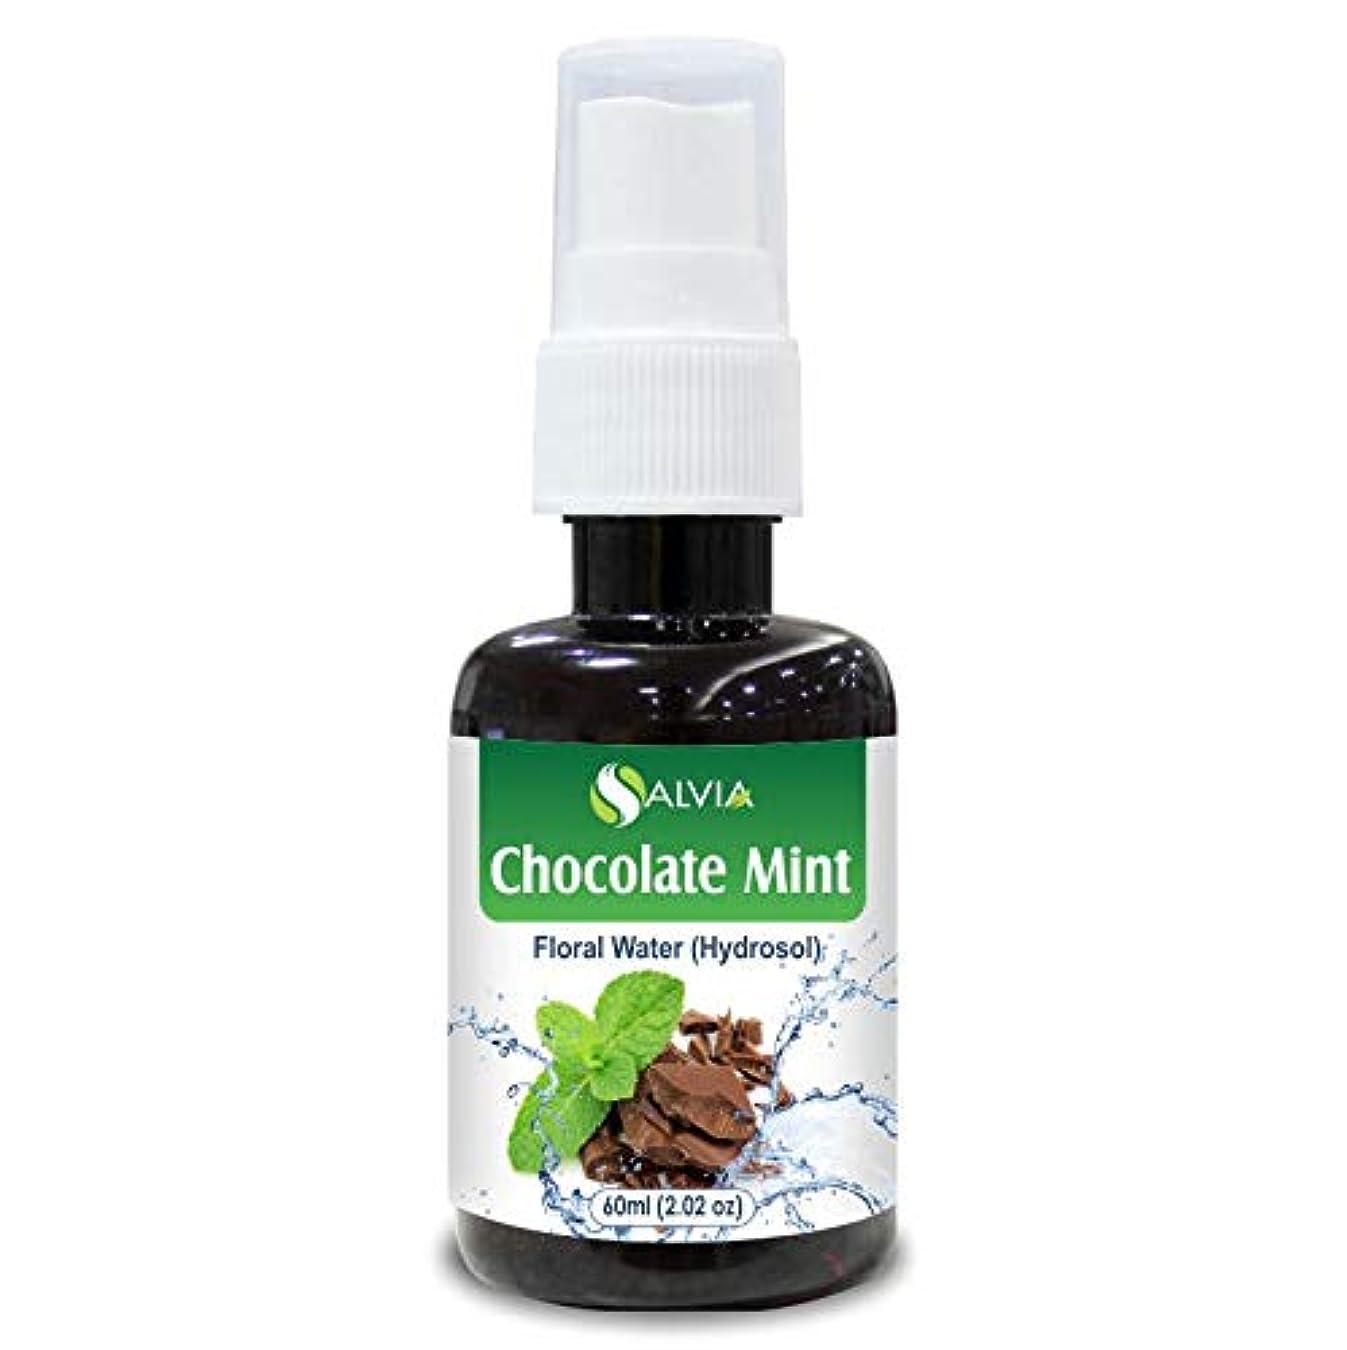 テレビを見る表示厄介なChocolate Mint Floral Water 60ml (Hydrosol) 100% Pure And Natural